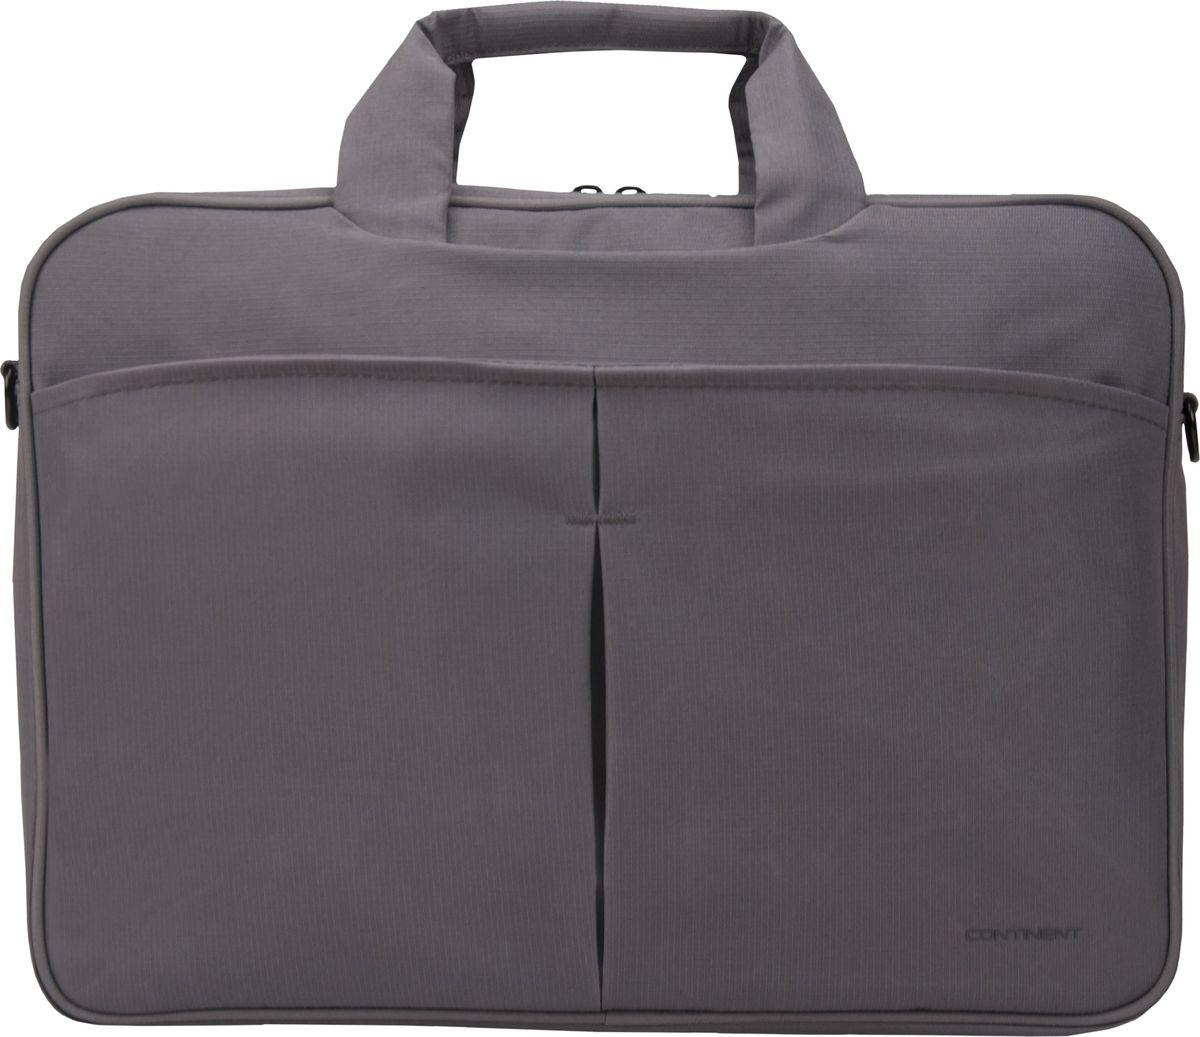 Continent CC-012, Grey сумка для ноутбука 15,600-5000352Сумка для ноутбука Continent CC-012 изготовлена из прочного и водоотталкивающего материала - нейлона. Таким образом, используя модель Continent CC-012, вы можете переносить ноутбук даже в дождливую погоду. При этом влага не попадет внутрь устройства, если вы надежно застегнули молнию.На передней части чехла расположен большой карман, который разделен на две ровные части. Там вы можете хранить блокнот, телефон или ручки. Дополнительные предметы всегда будут у вас под рукой.